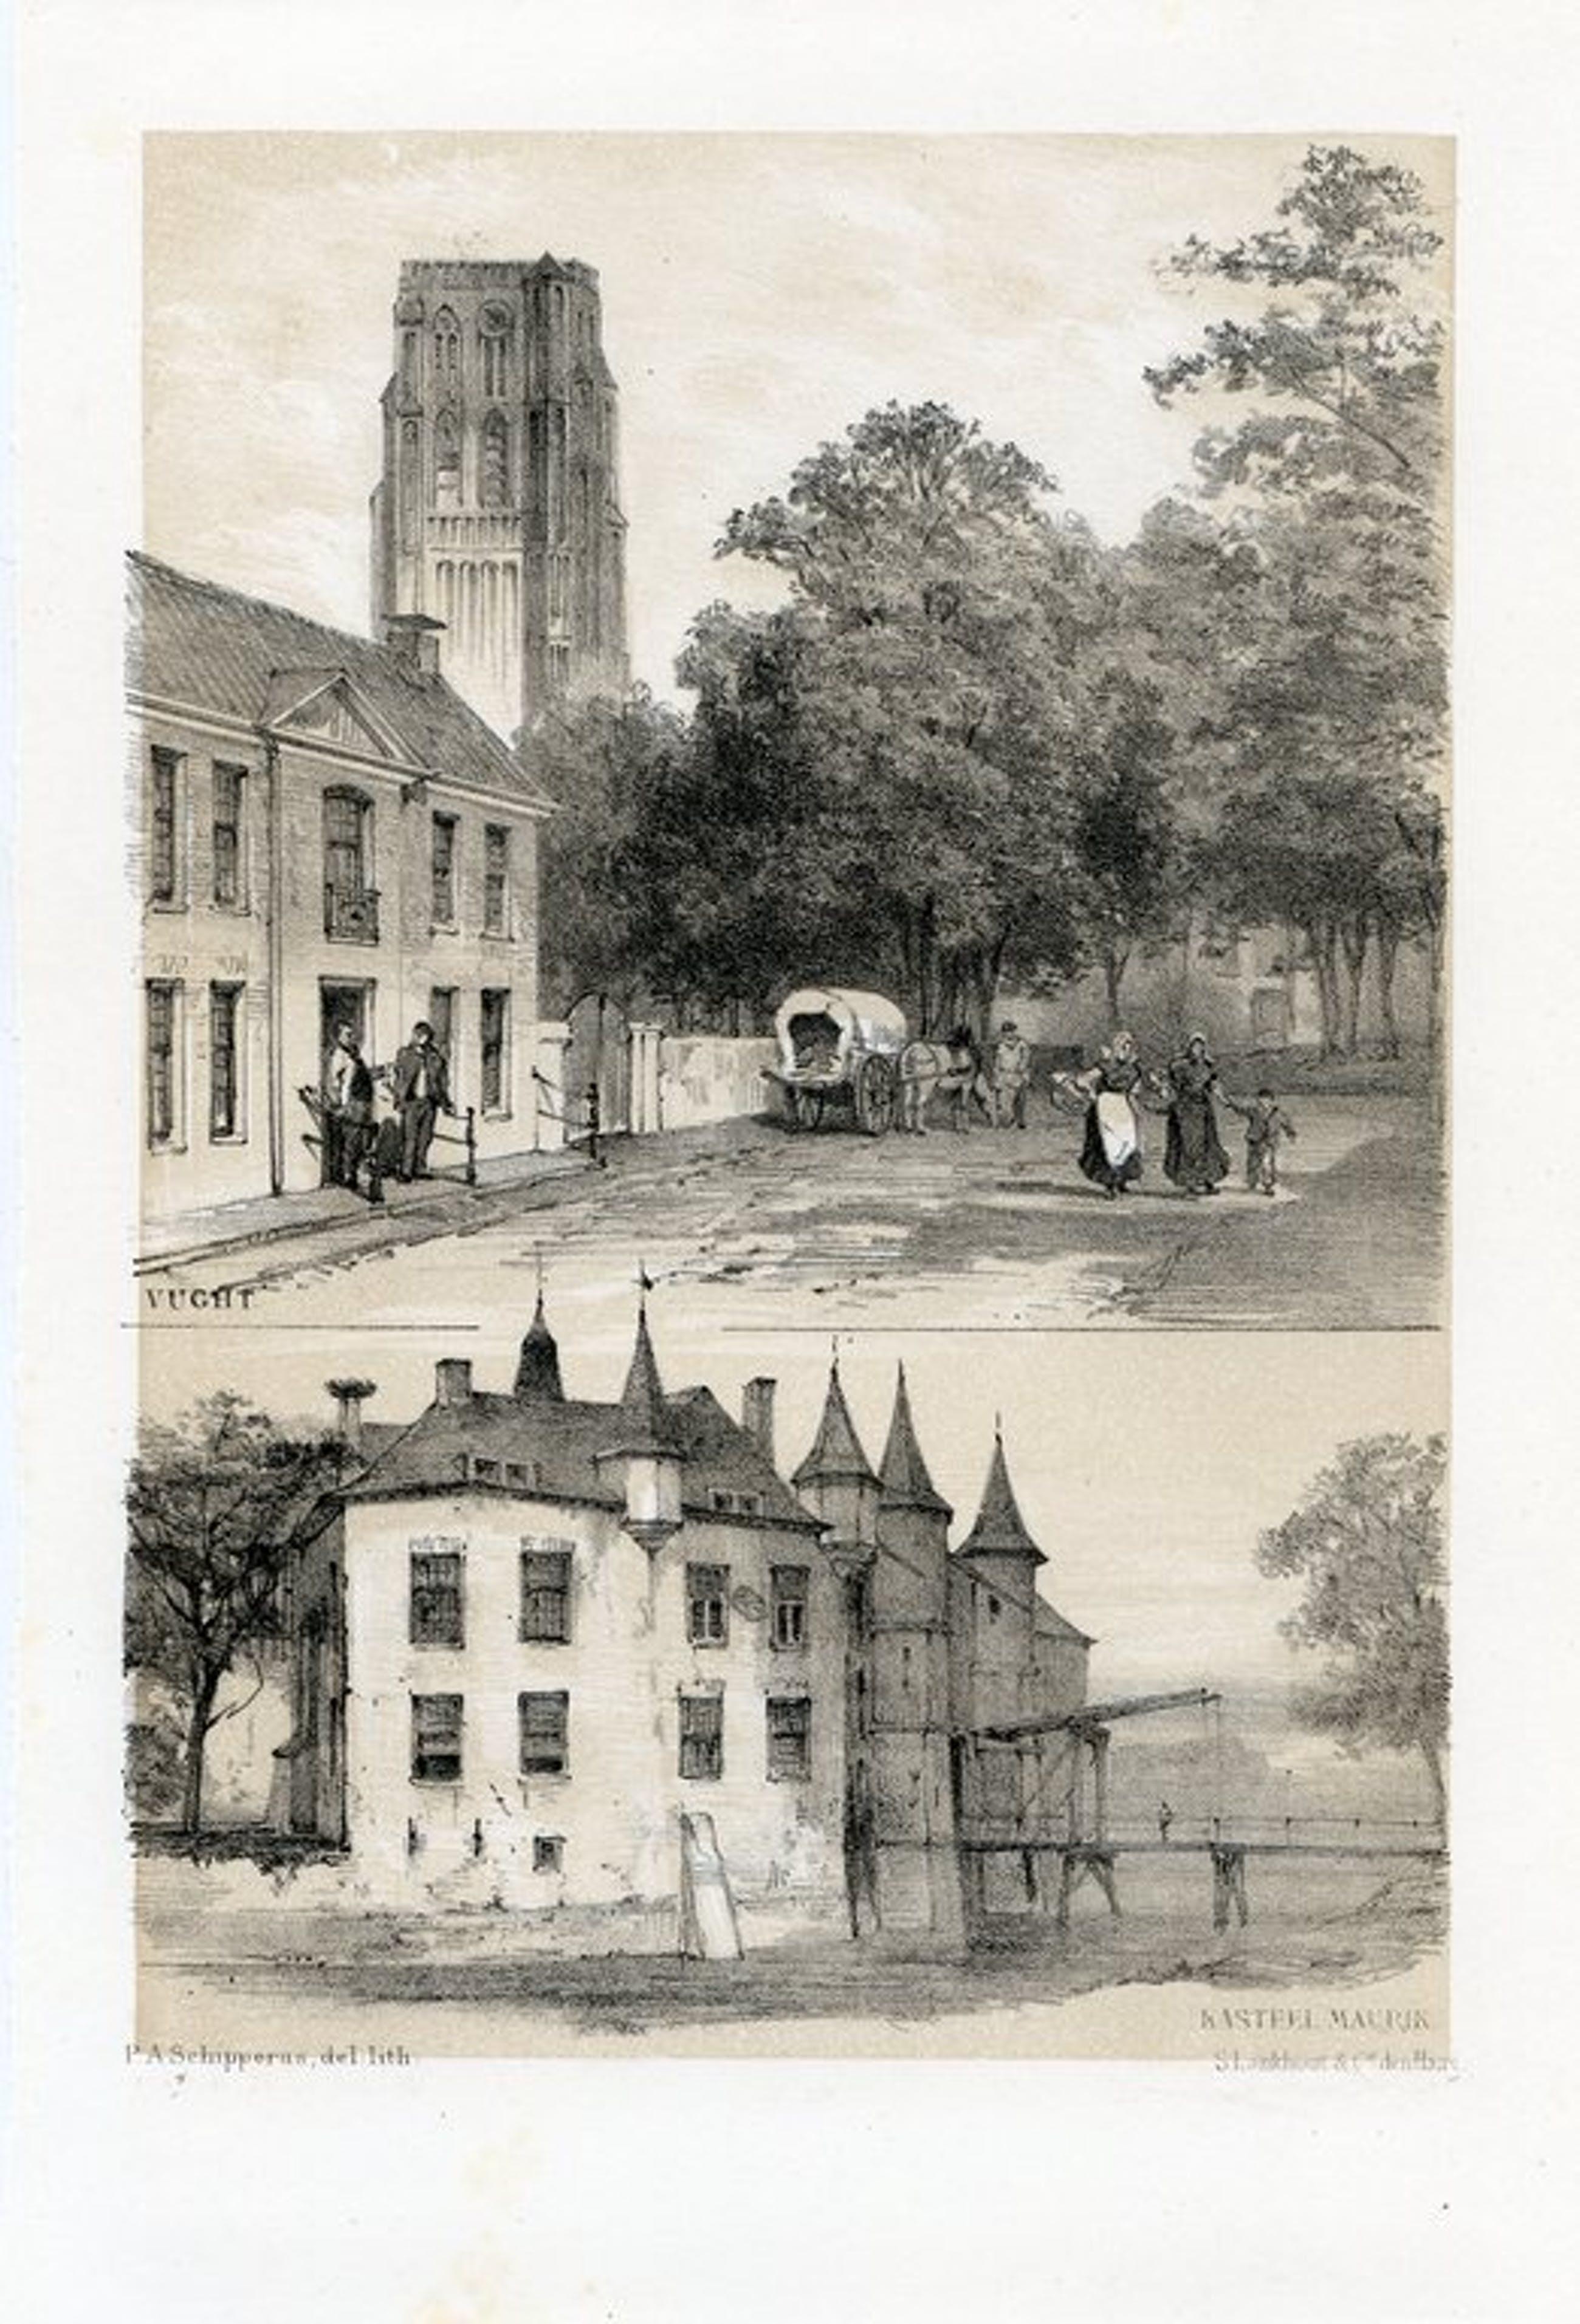 """P.A. Schipperus 1882 """"Gezicht te Vught en Kasteel Maurik - Maurick"""" - Litho kopen? Bied vanaf 30!"""